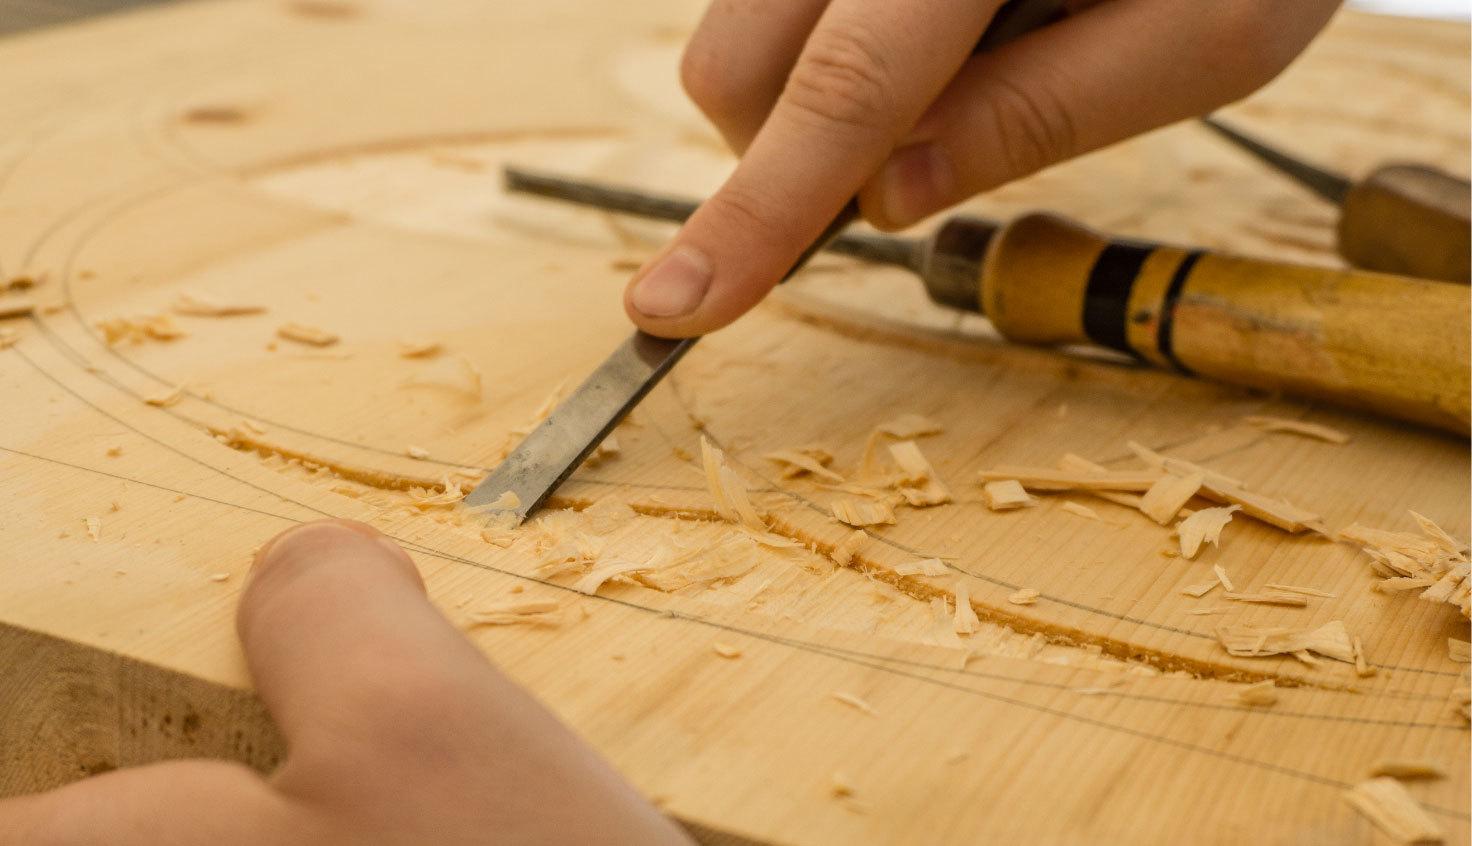 L'enjeu de ces deux jours de stage est de permettre une découverte des outils et des techniques de la sculpture sur bois.